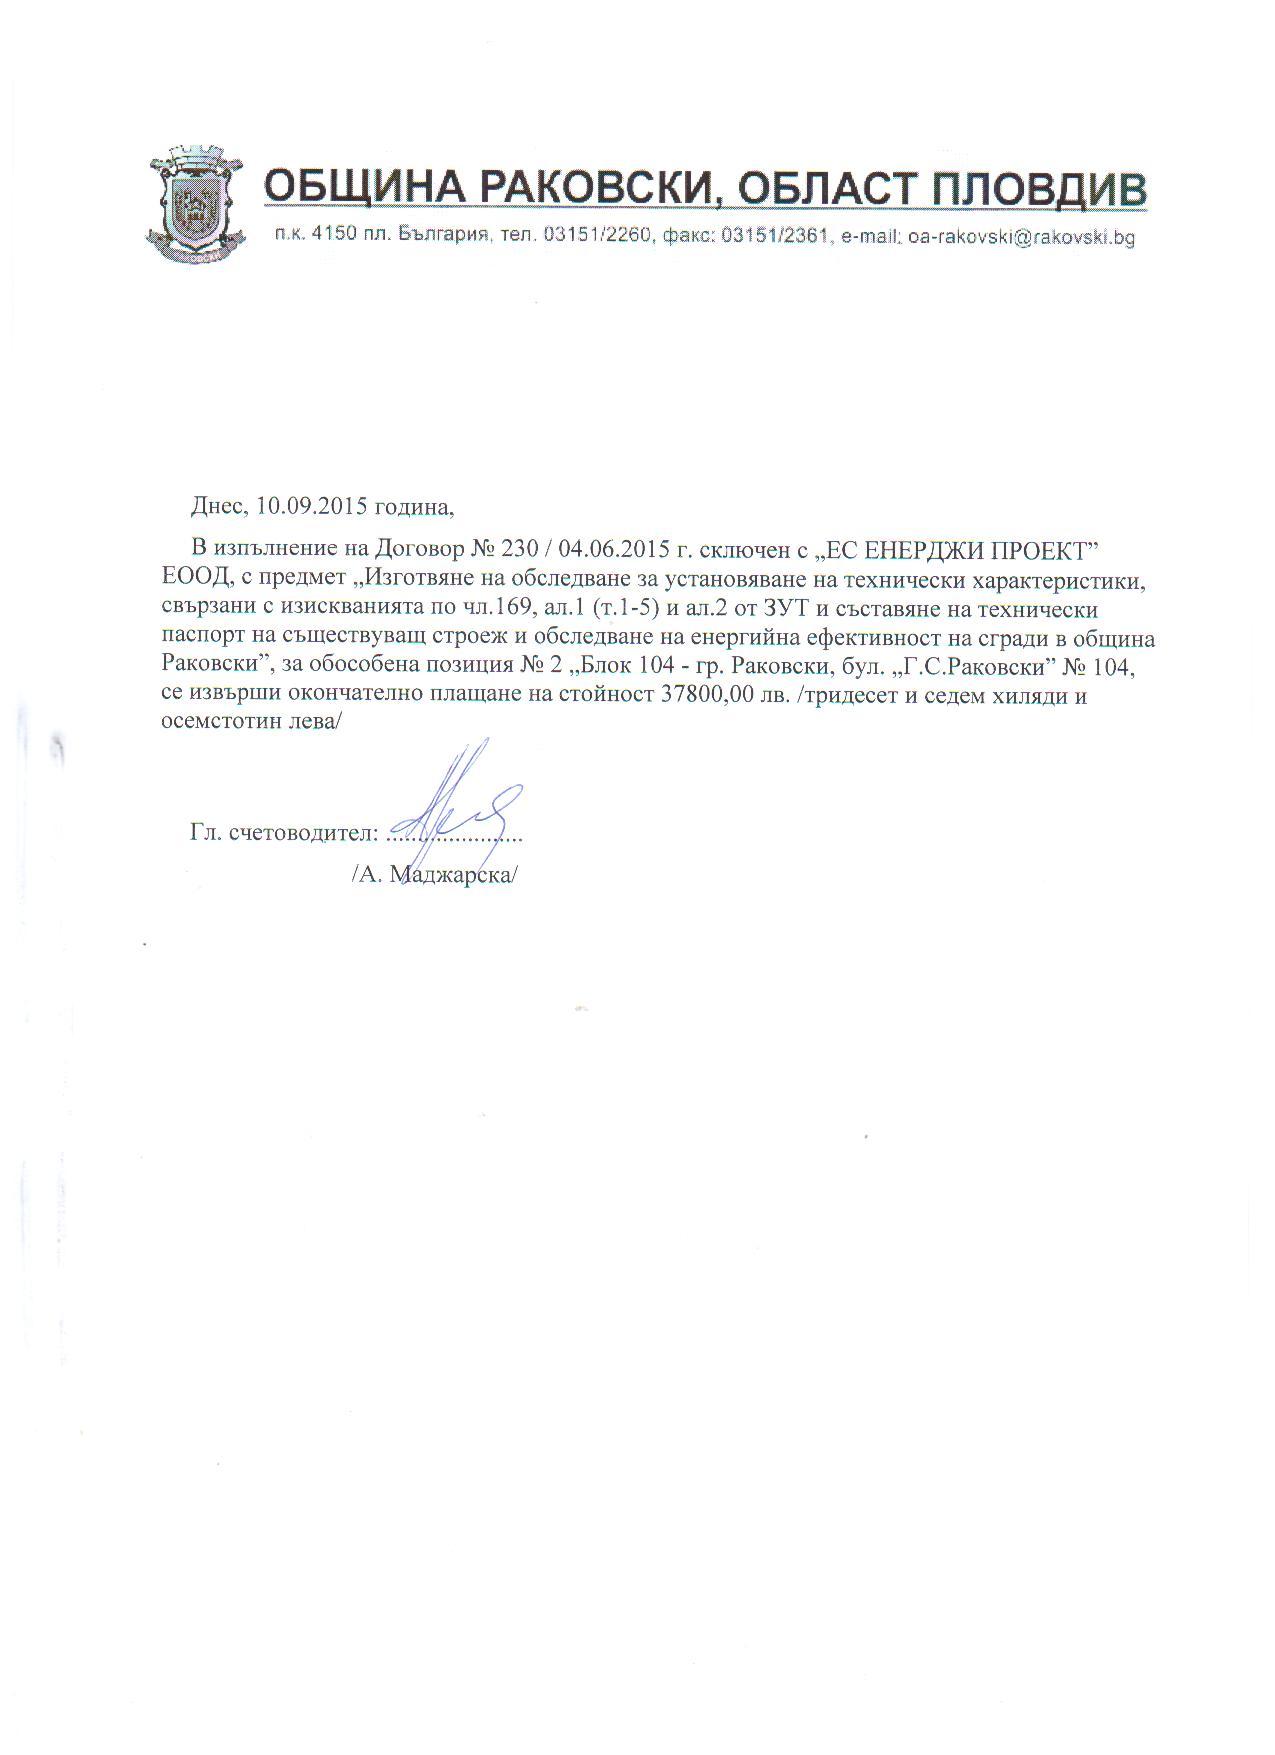 pismo-o-povishenie-tsen-na-uslugi-obrazets